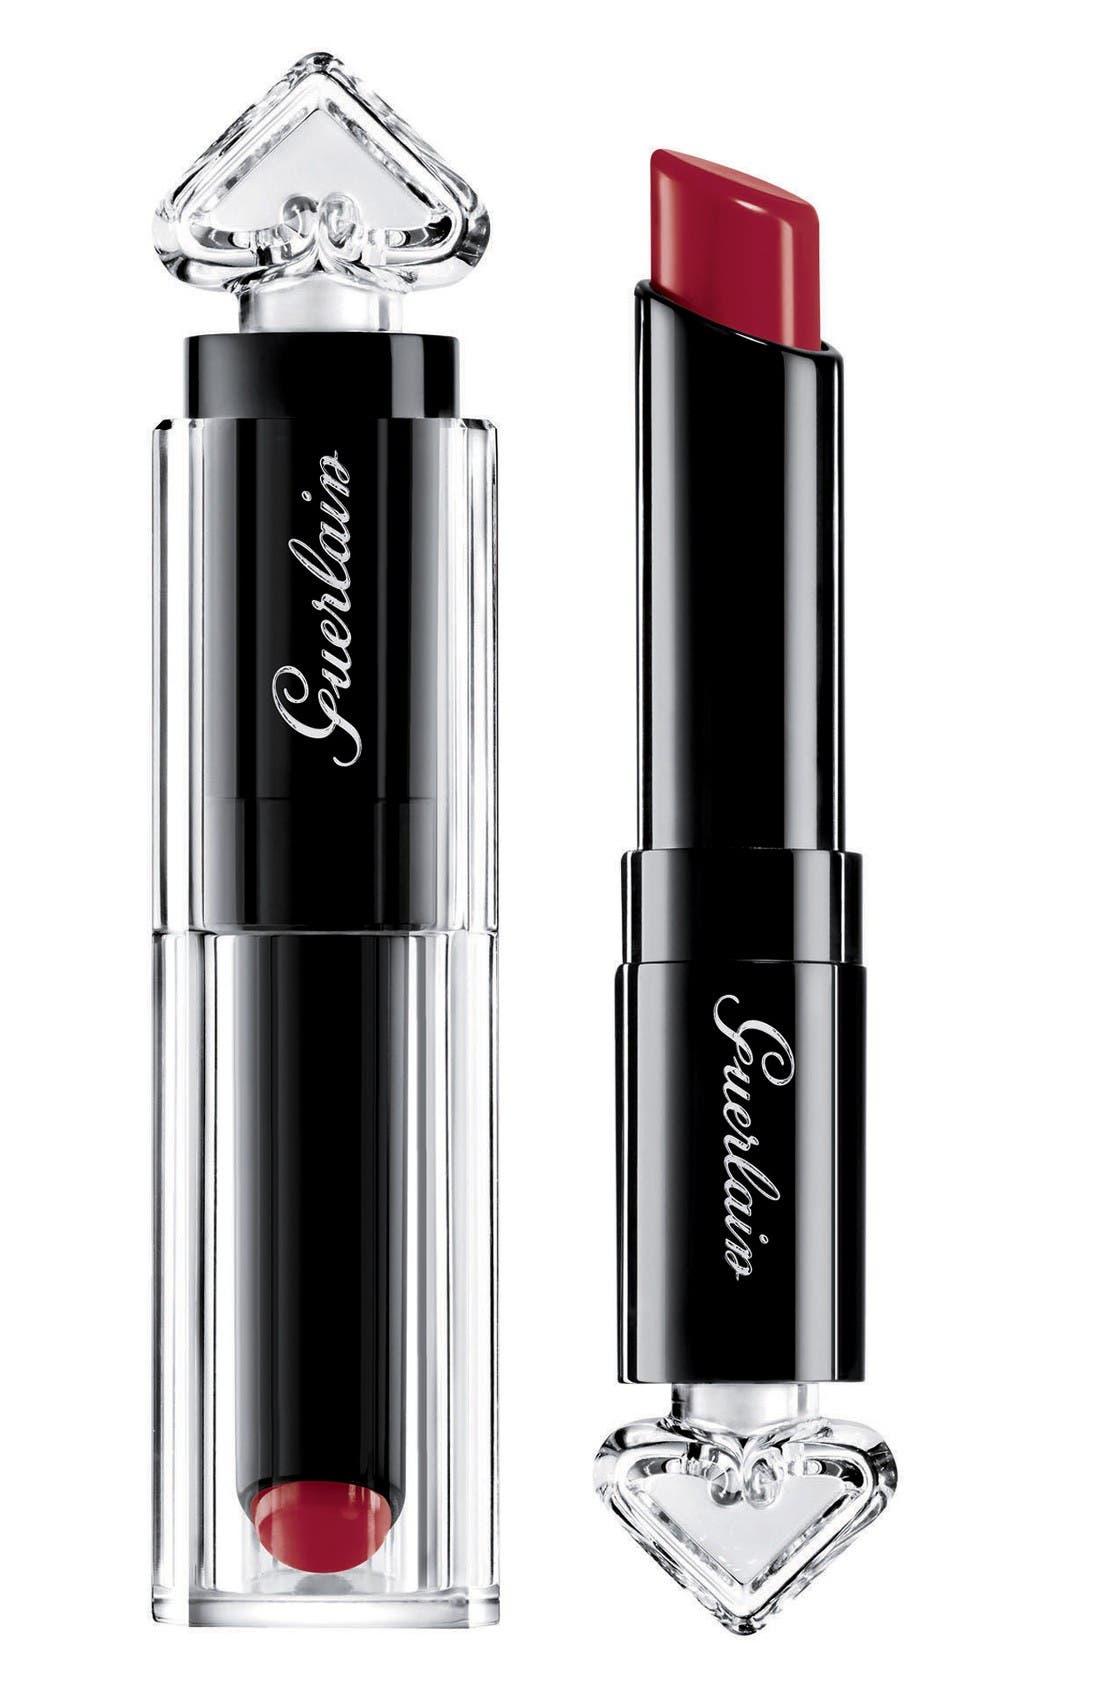 Guerlain la petite robe noire lipstick 022